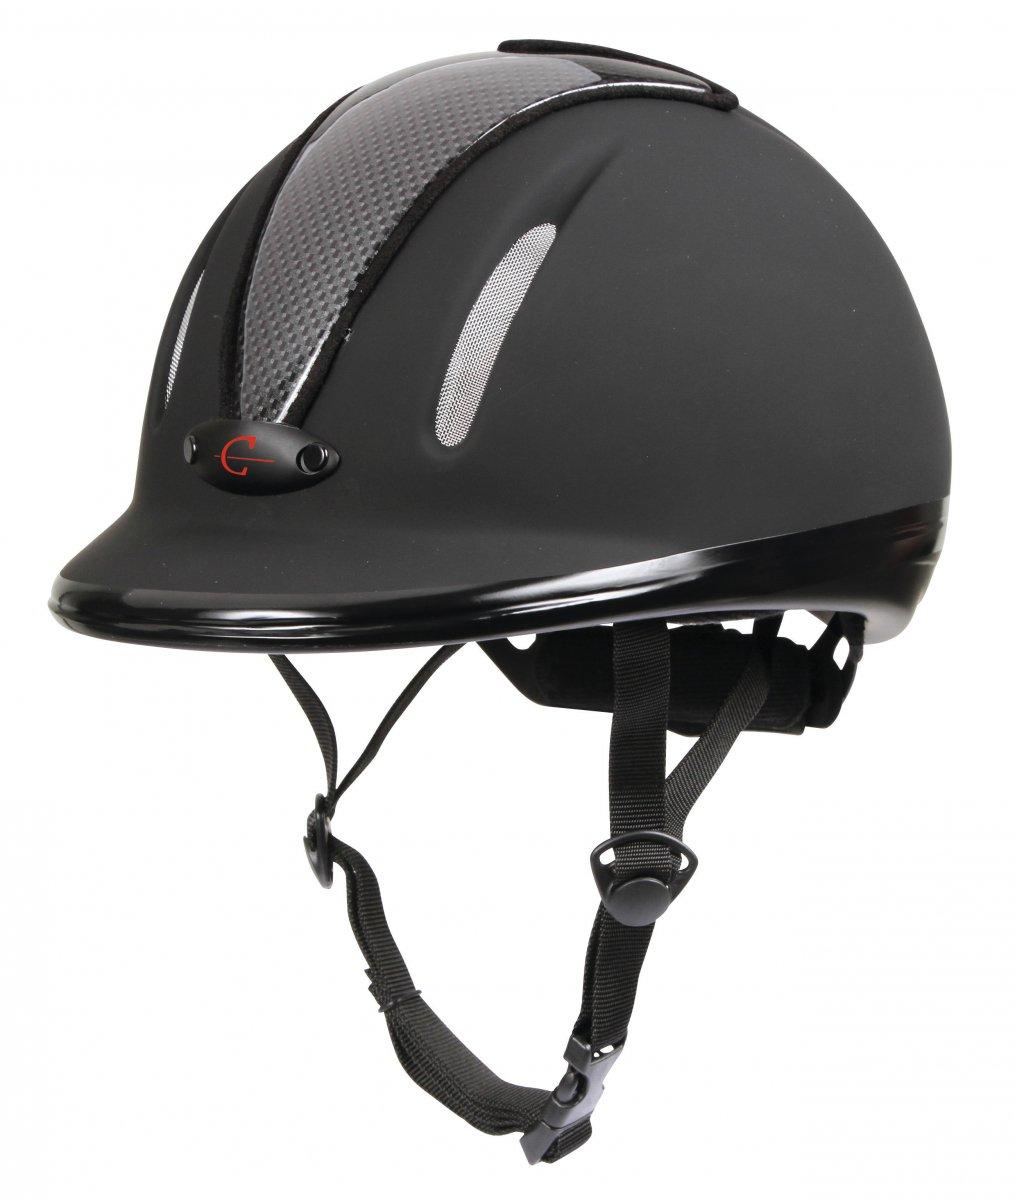 Carbononic Riding Helmba JUNIOR 48 - 52 cm